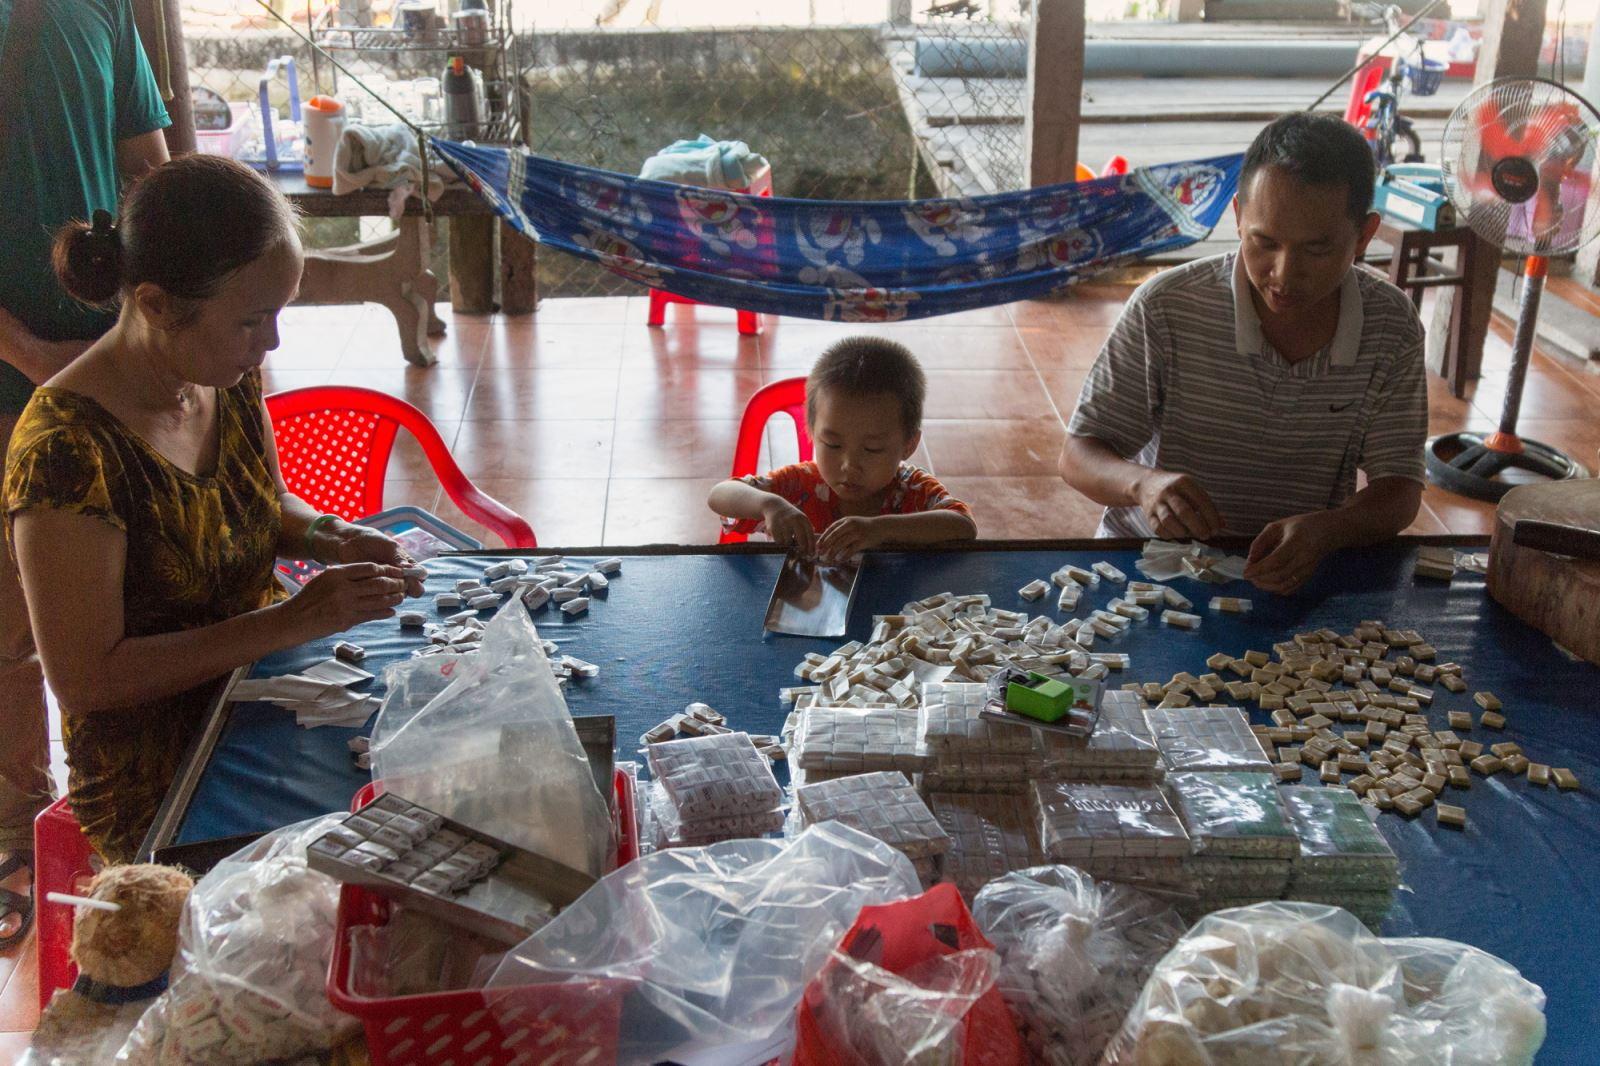 Đóng gói kẹo dừa trong một gia đình sản xuất kẹo dừa ở 7C, ấp Phú Hào, xã Phú Hưng, TP.Bến Tre.